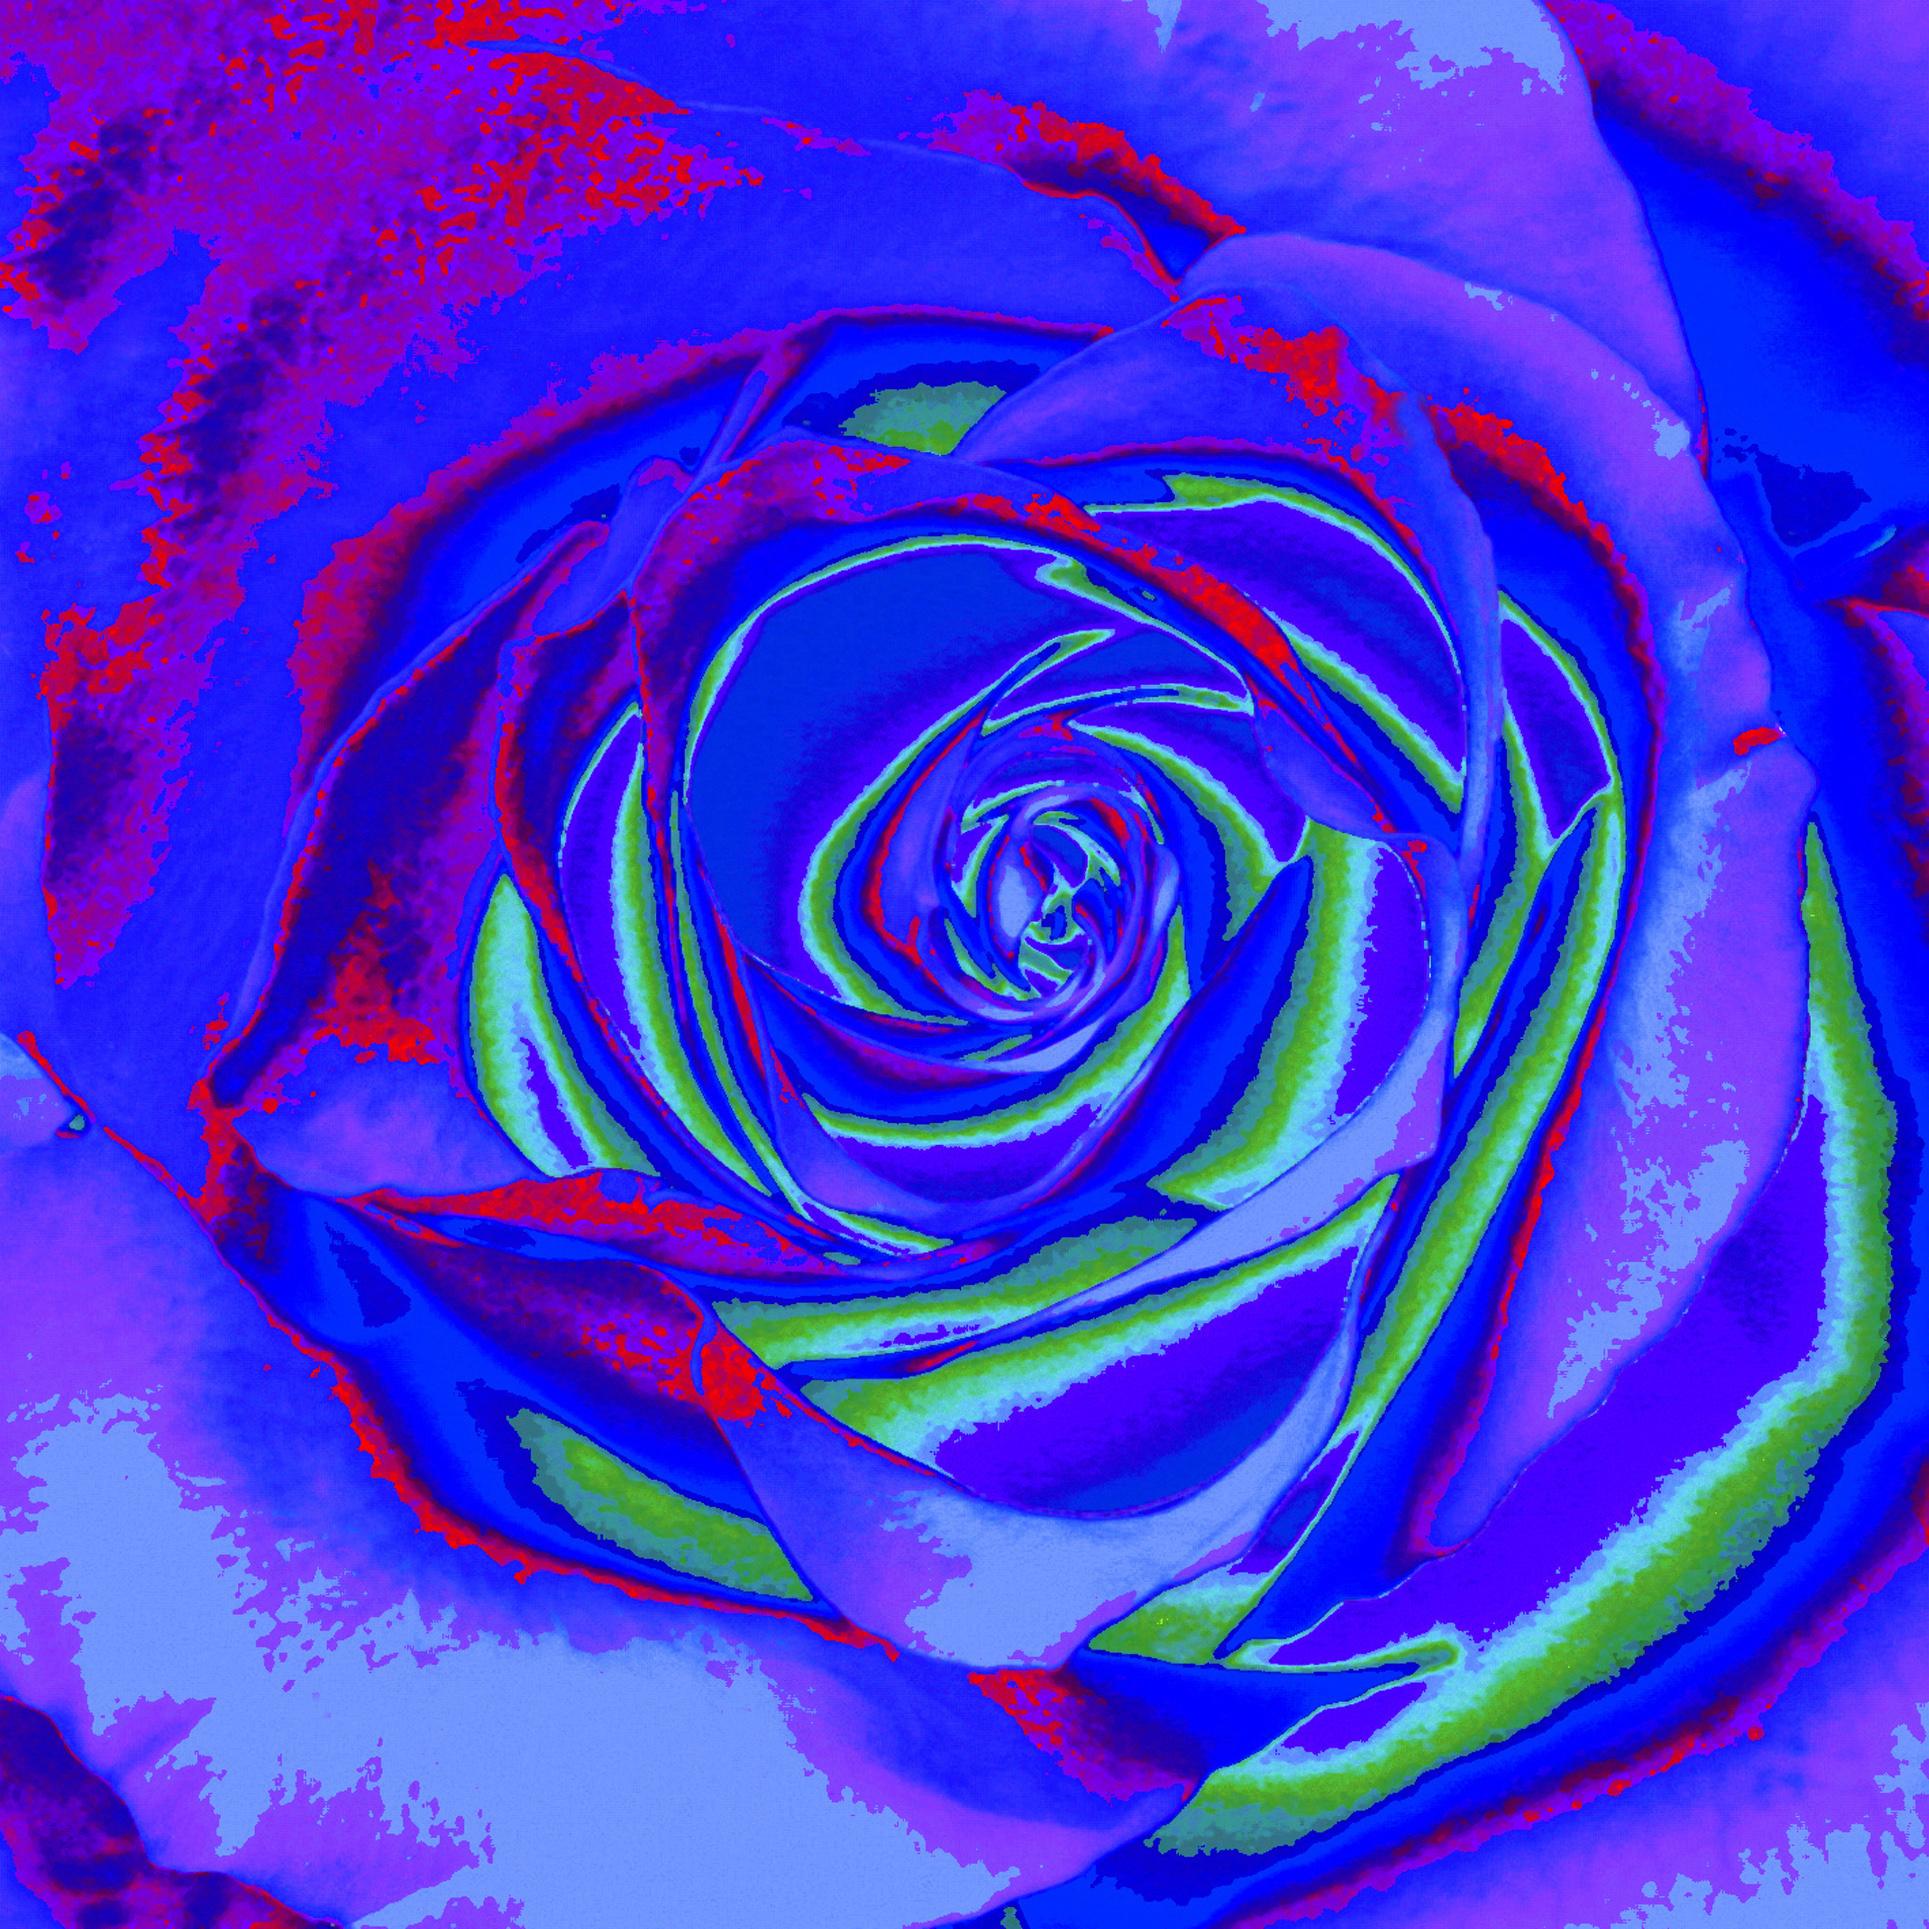 Rose/ Ruža